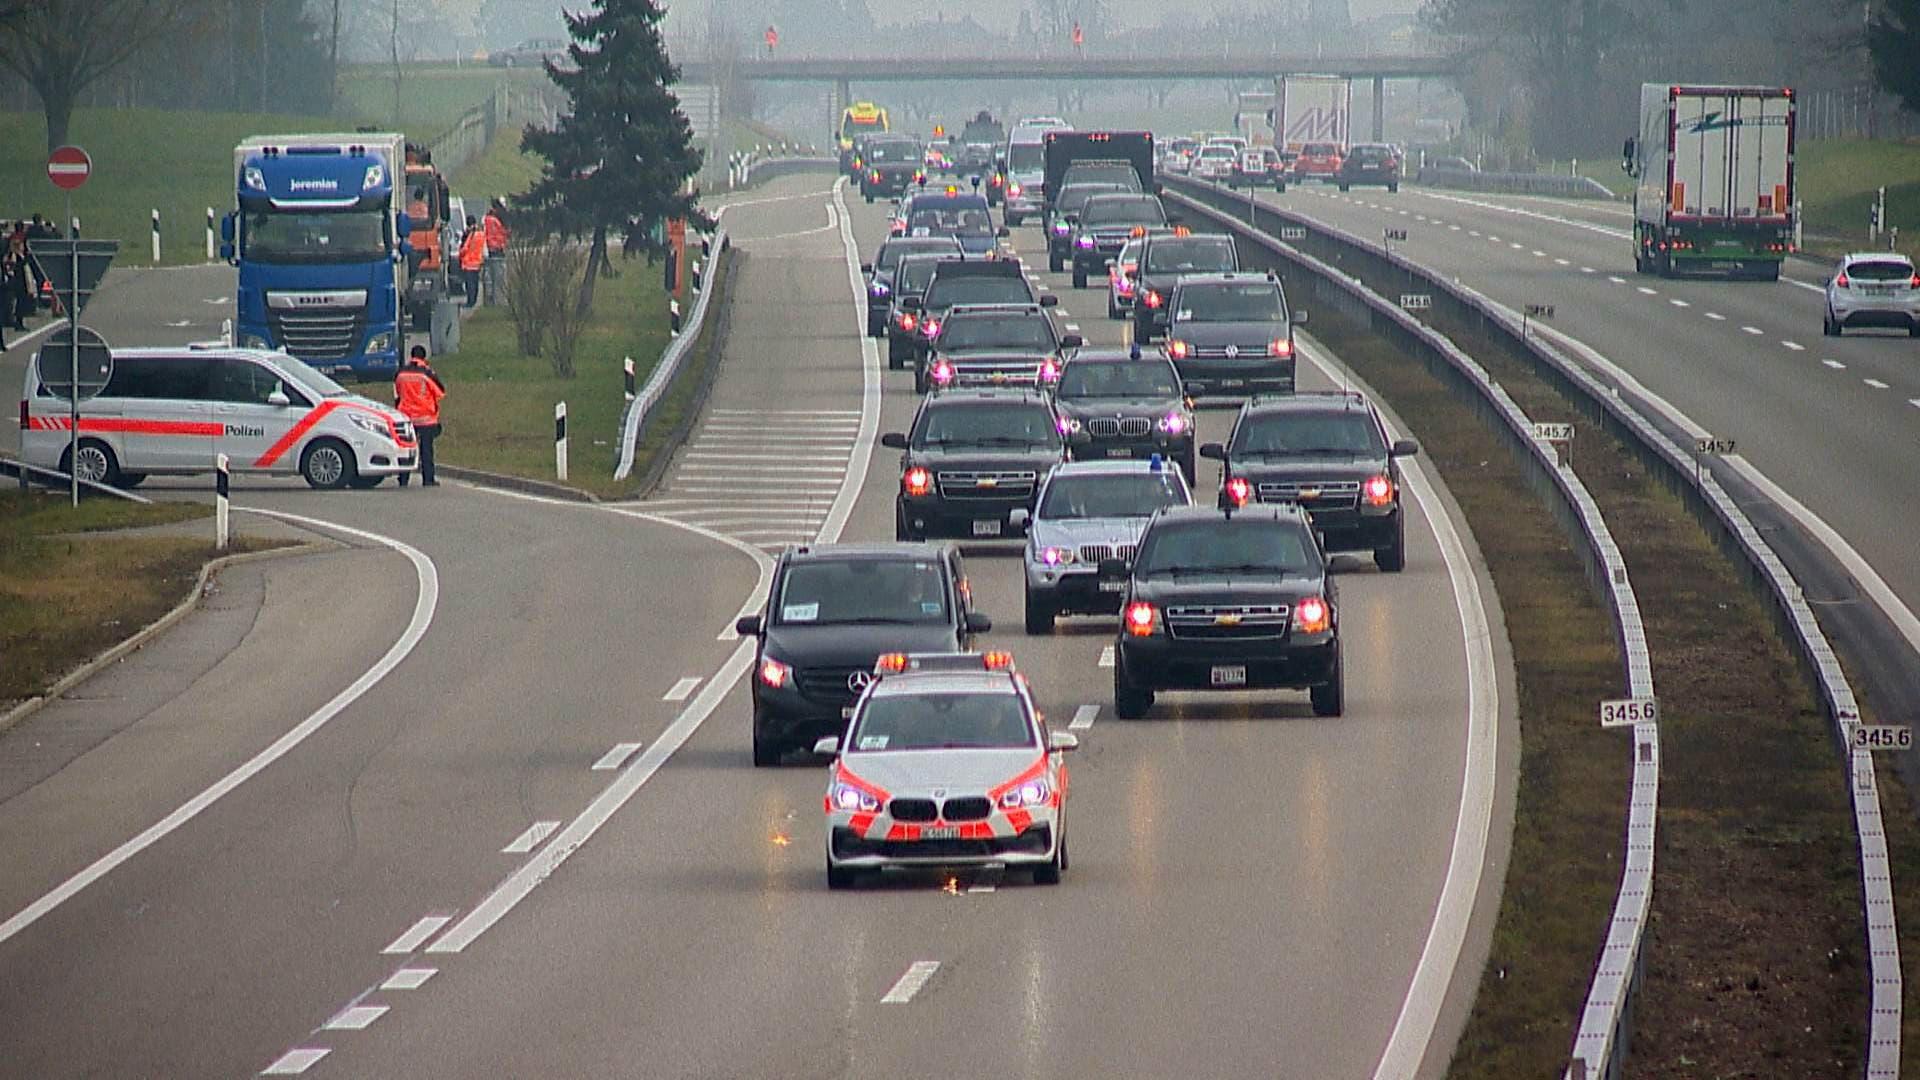 22. Januar: Bewachte Brücken, gesperrte Autobahneinfahrten: Nach seinem WEF-Auftritt fährt US-Präsident Donald Trump über die Ostschweiz (im Bild der Rastplatz Hexentobel bei Wängi) nach Zürich. Sein Auto-Konvoi besteht aus über 30 Fahrzeugen.